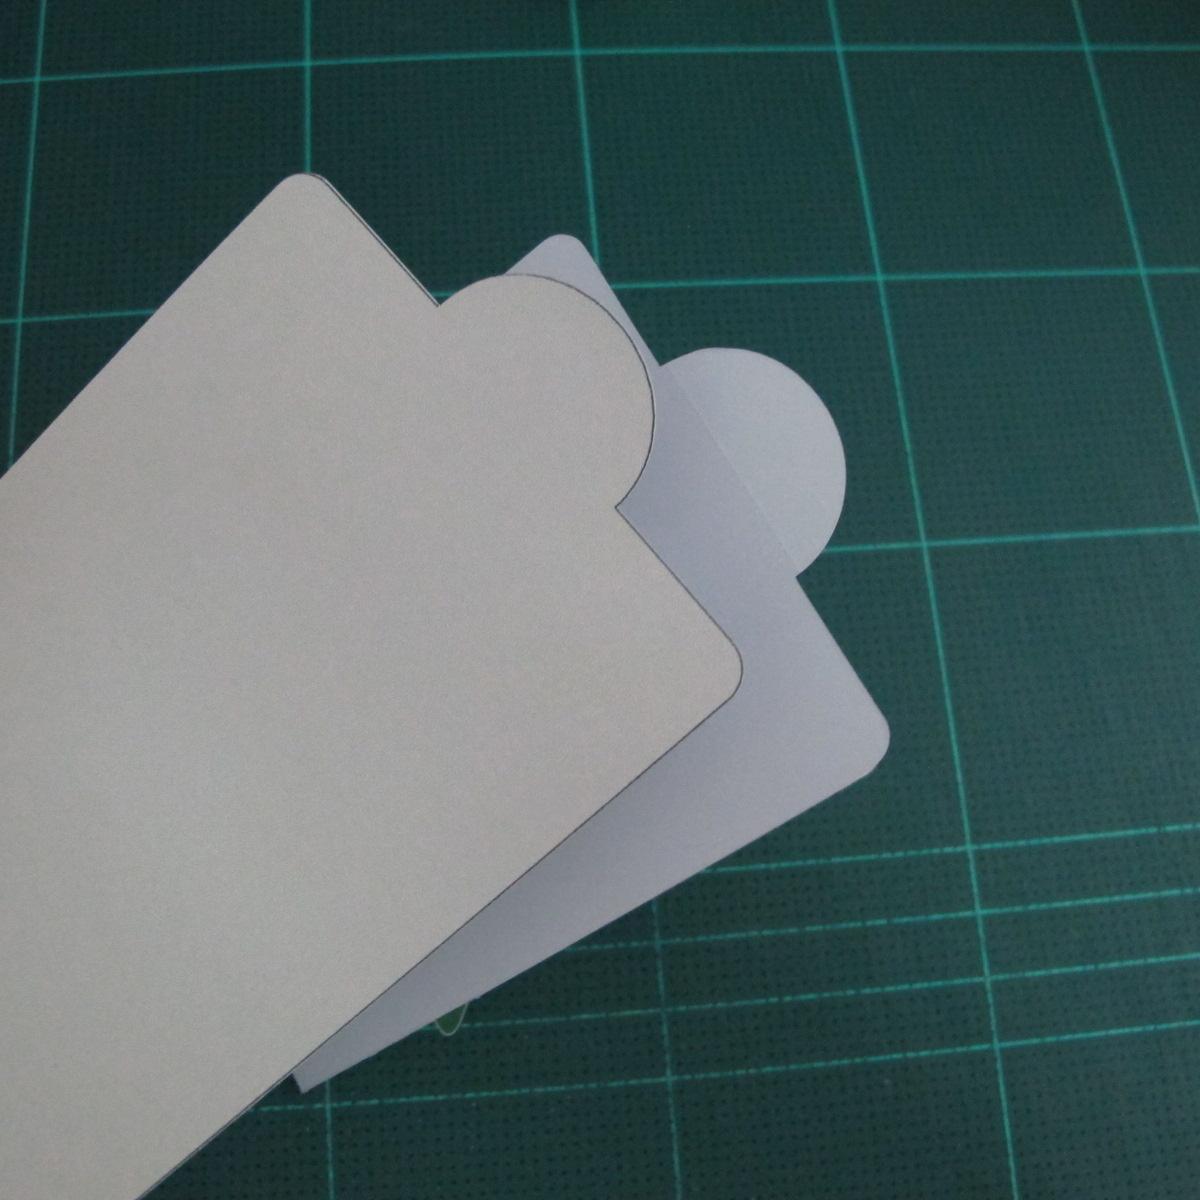 การทำการ์ดอวยพรลายต้นคริสต์มาสแบบป็อปอัป (Card Making Christmas Trees Pop-Up Card Template) 010